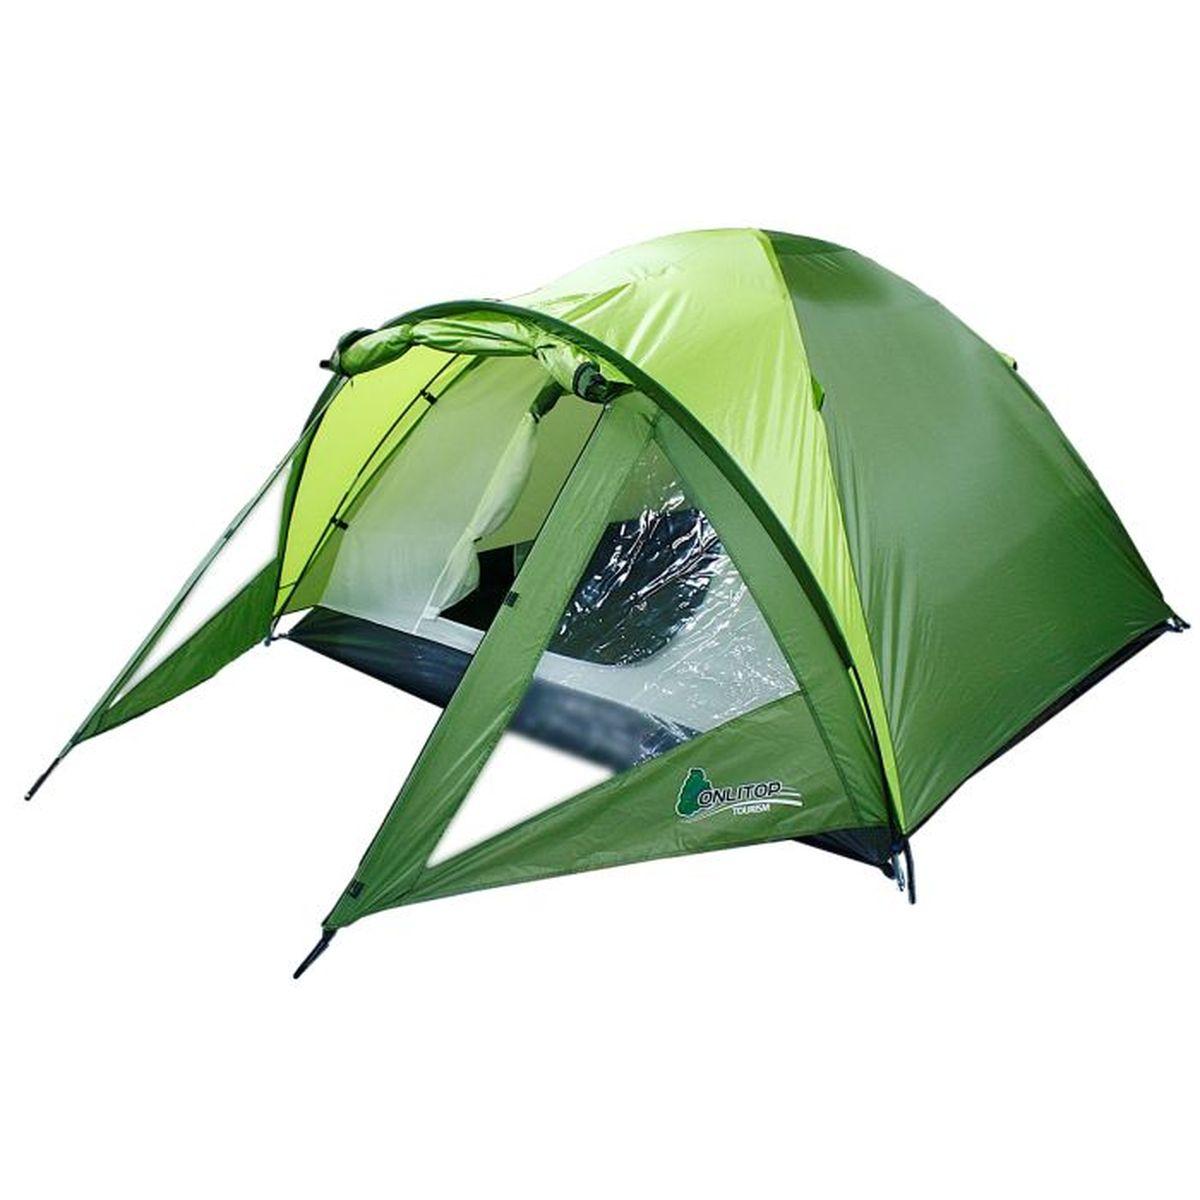 Палатка туристическая Onlitop OTTAWA 3, цвет: зеленый776299Если вы заядлый турист или просто любитель природы, вы хоть раз задумывались о ночёвке на свежем воздухе. Чтобы провести её с комфортом, вам понадобится отличная палатка, Она обеспечит безопасный досуг и защитит от непогоды и насекомых. Ткань рипстоп гарантирует длительную эксплуатацию палатки за счёт высокой прочности материала.